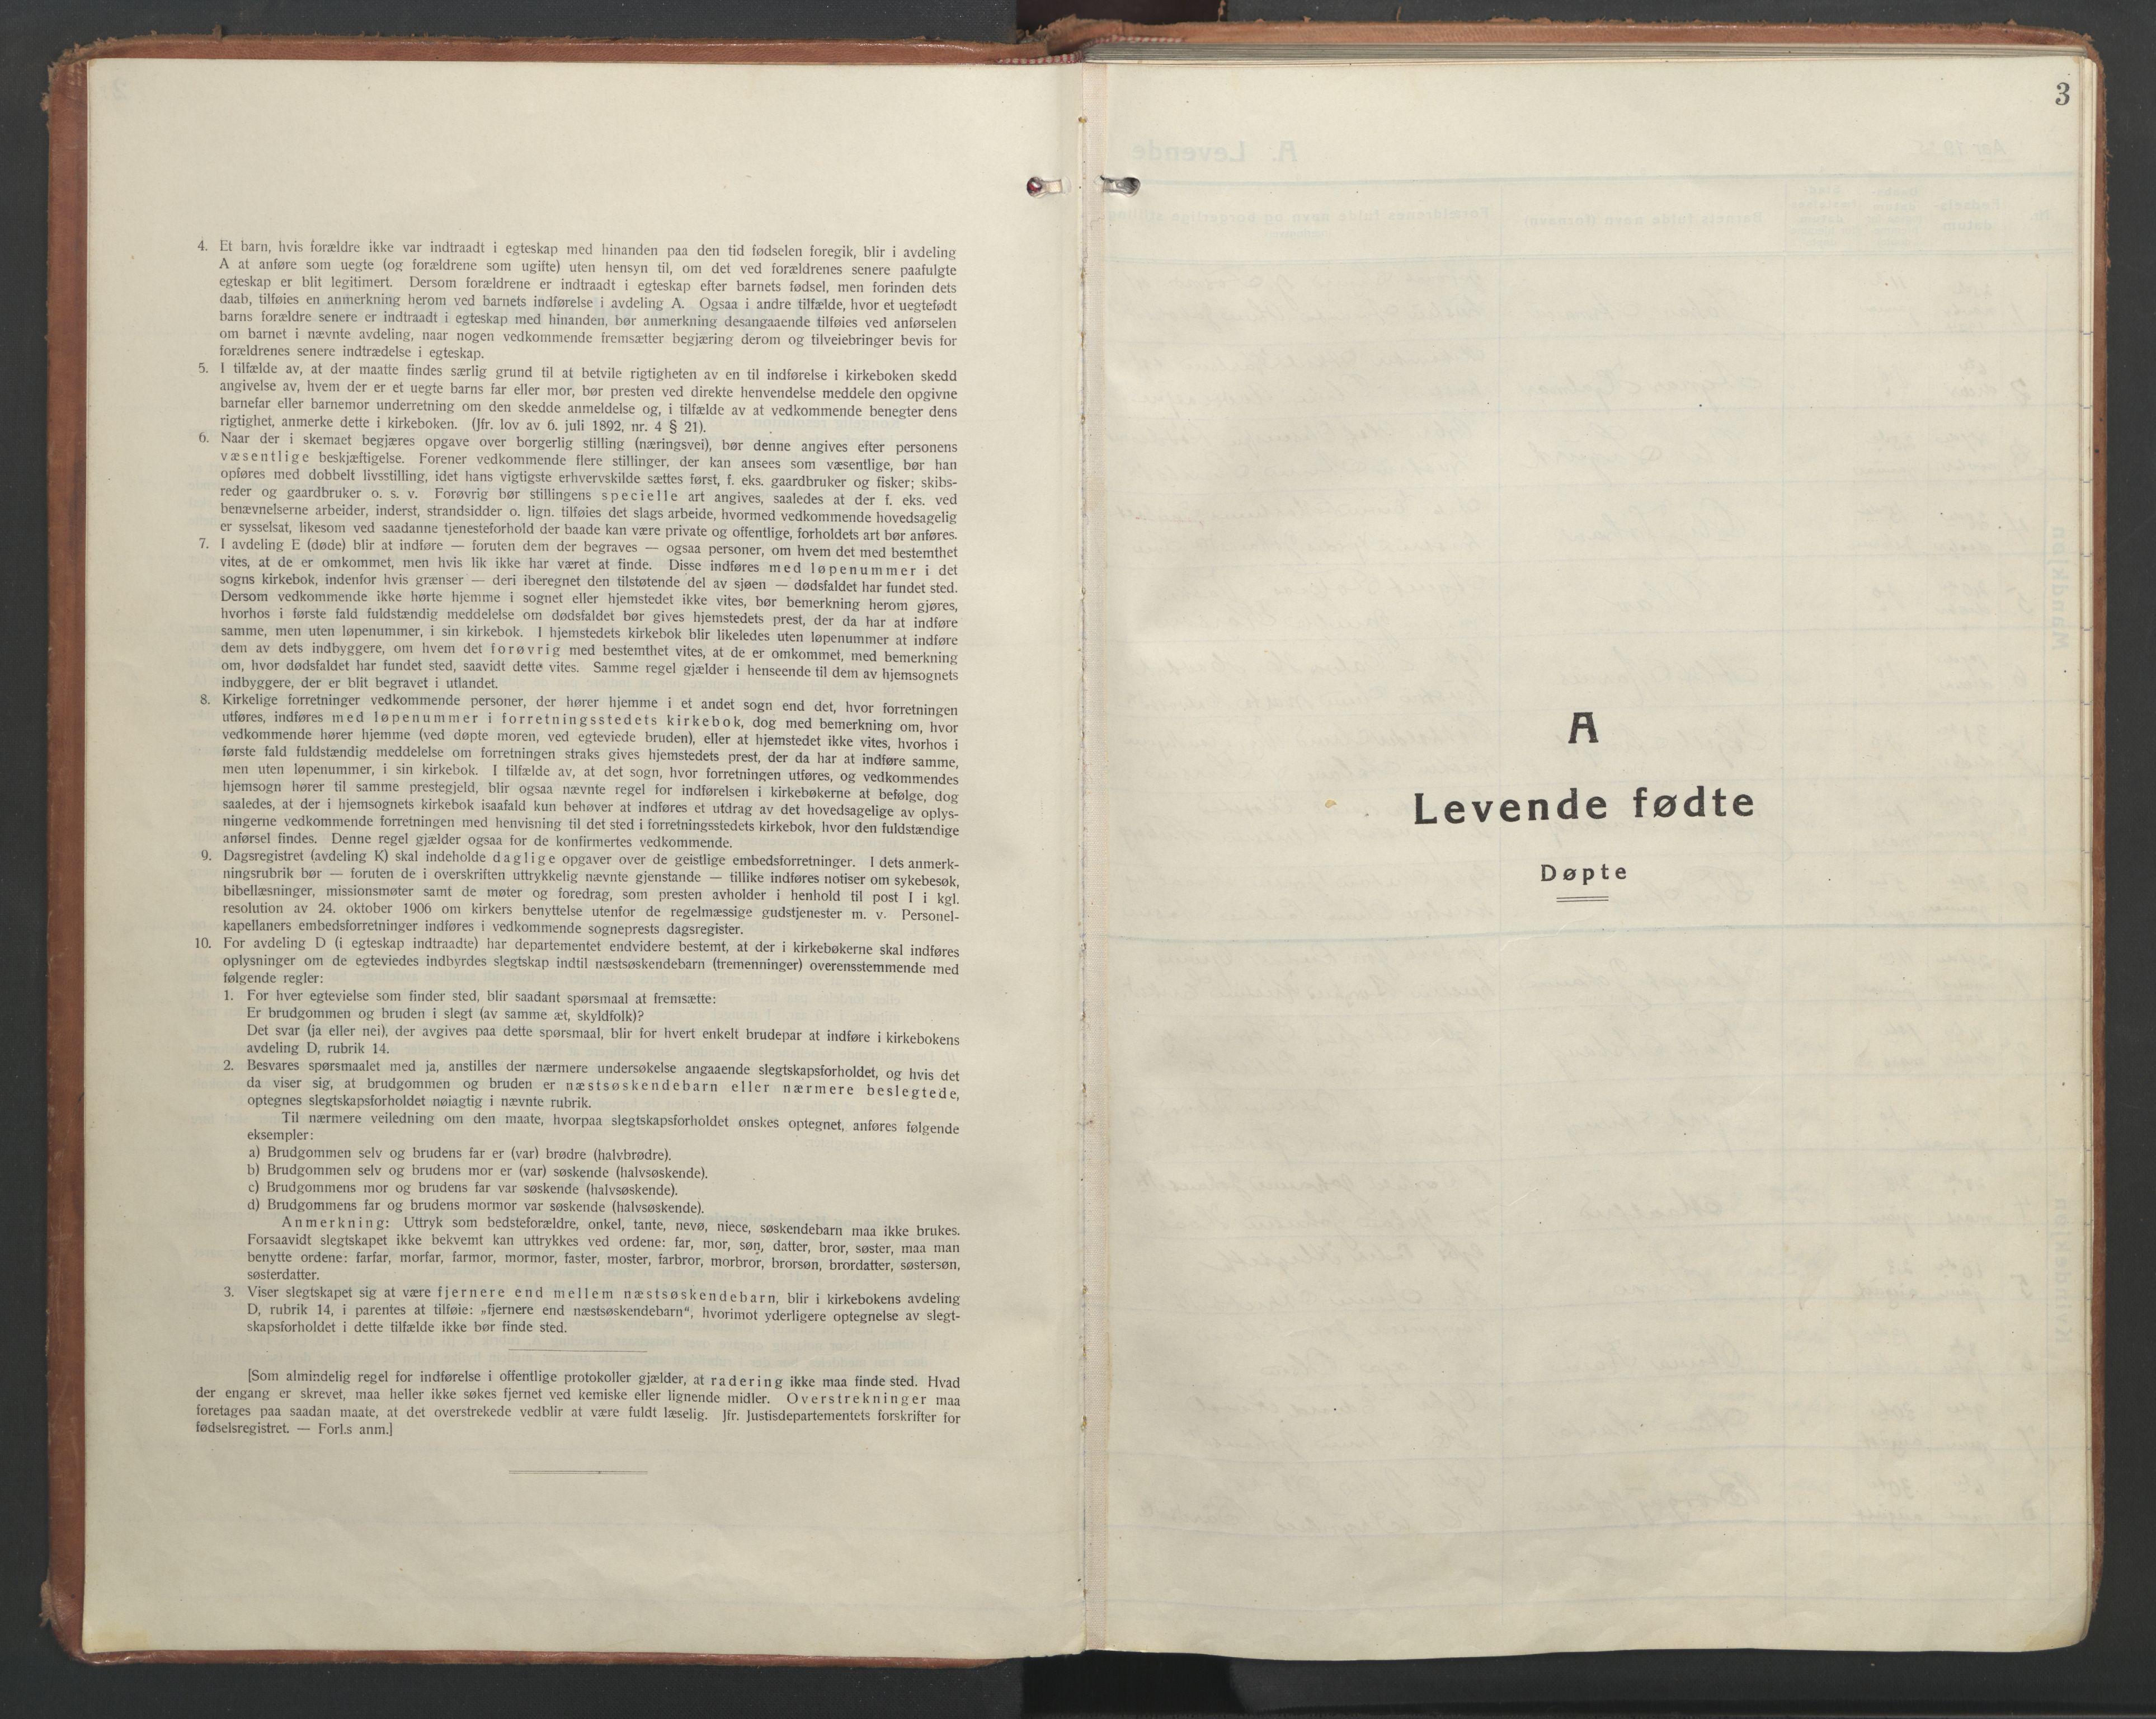 SAT, Ministerialprotokoller, klokkerbøker og fødselsregistre - Nord-Trøndelag, 710/L0097: Klokkerbok nr. 710C02, 1925-1955, s. 3